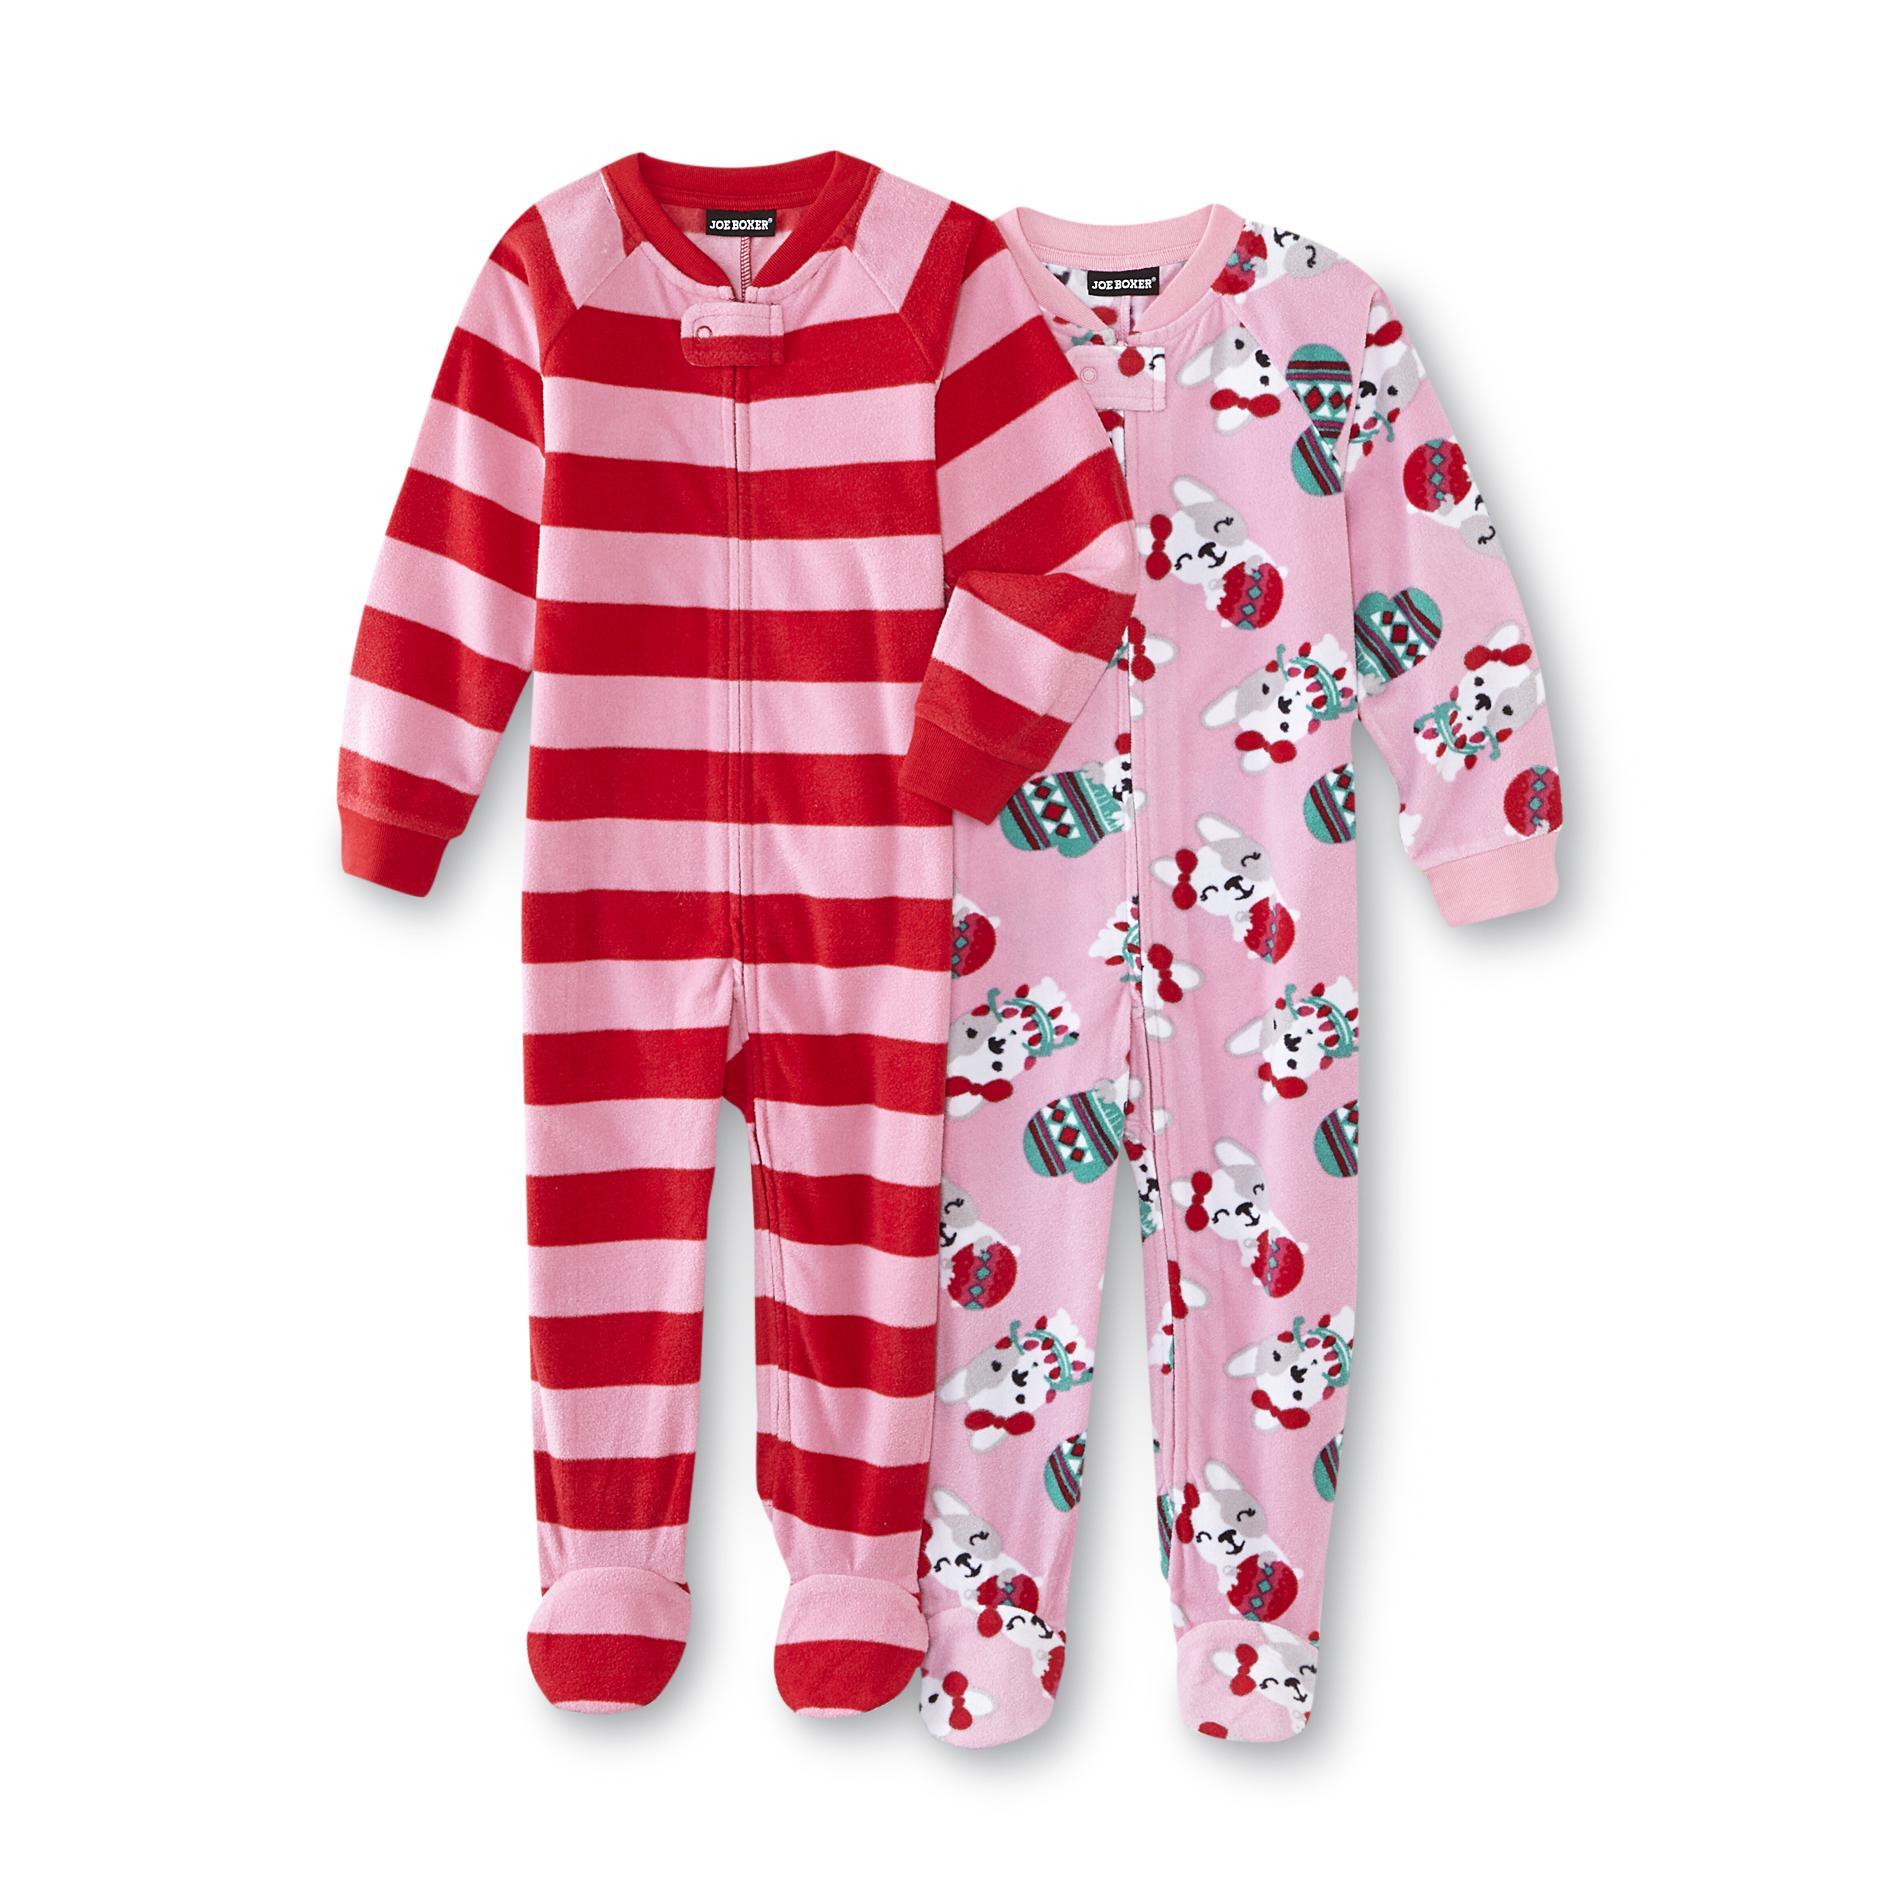 Joe Boxer Infant & Toddler Girls' 2 pk. Fleece Footed Pajamas